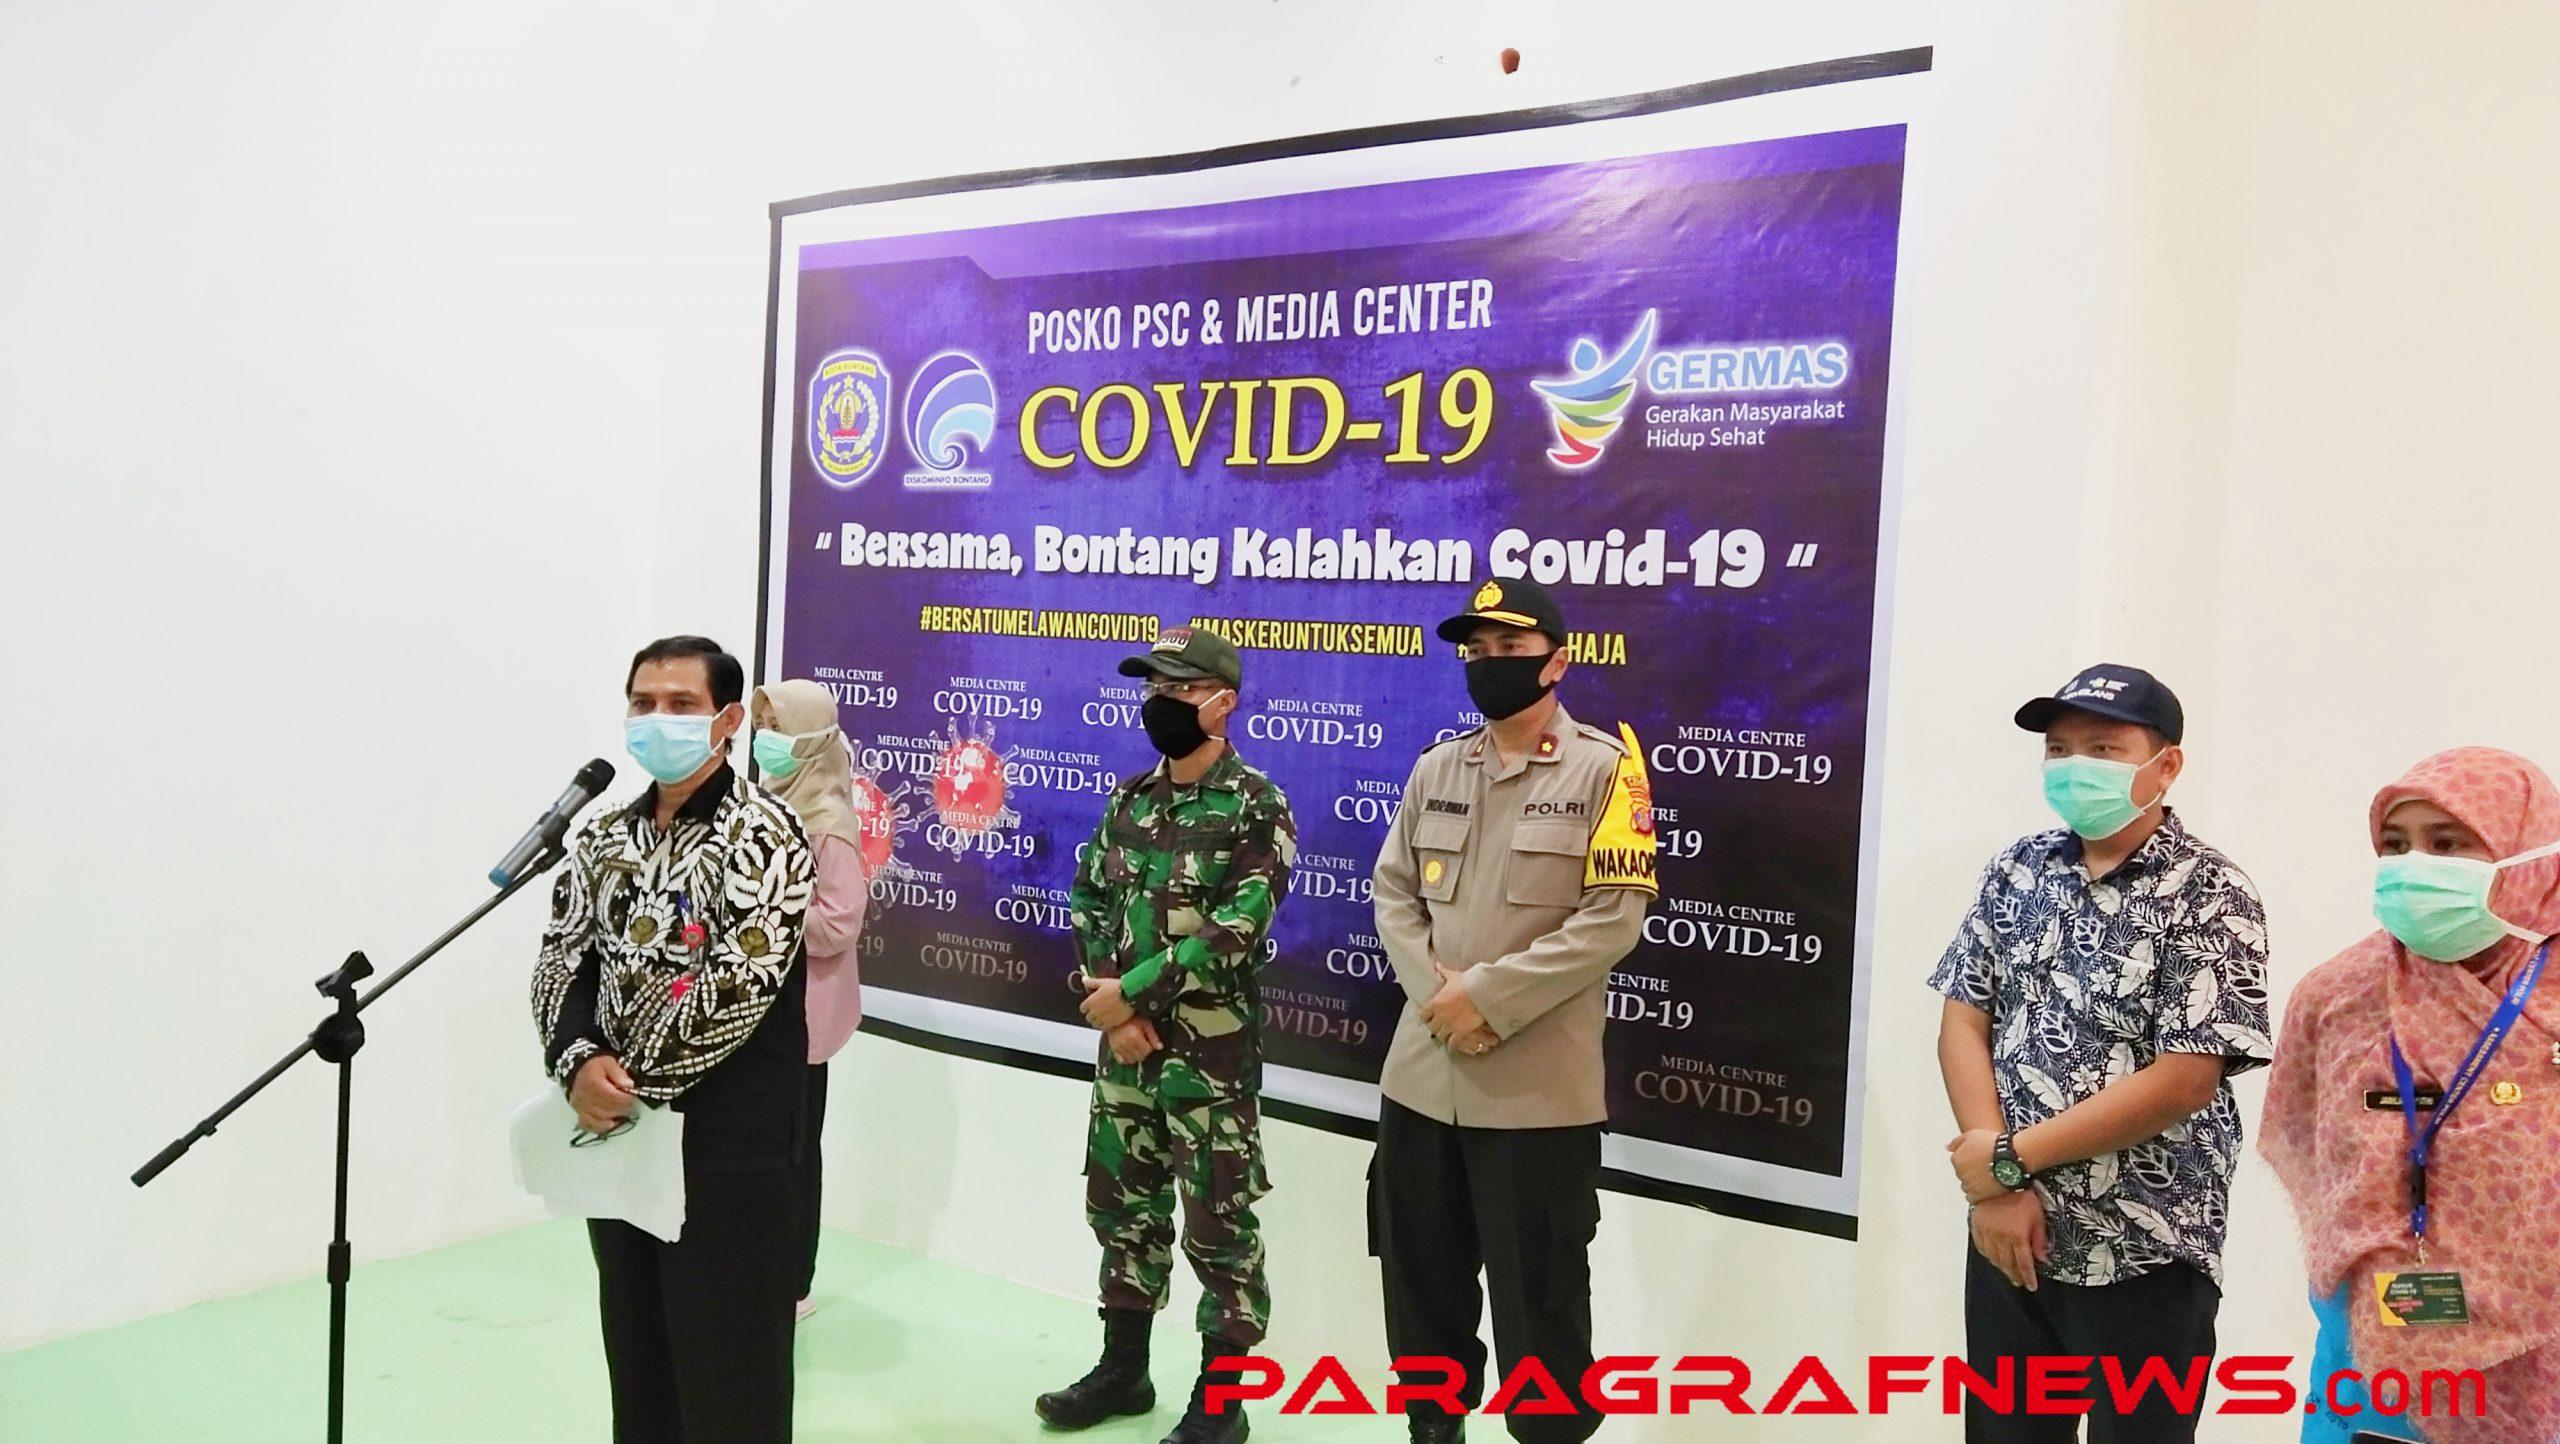 Konferensi Pers yang diketuai oleh Kepala Dinas Kesehatan Bontang Bahauddin di Gedung PSC, Kamis 16/4/2020 (Foto: Istimewa)